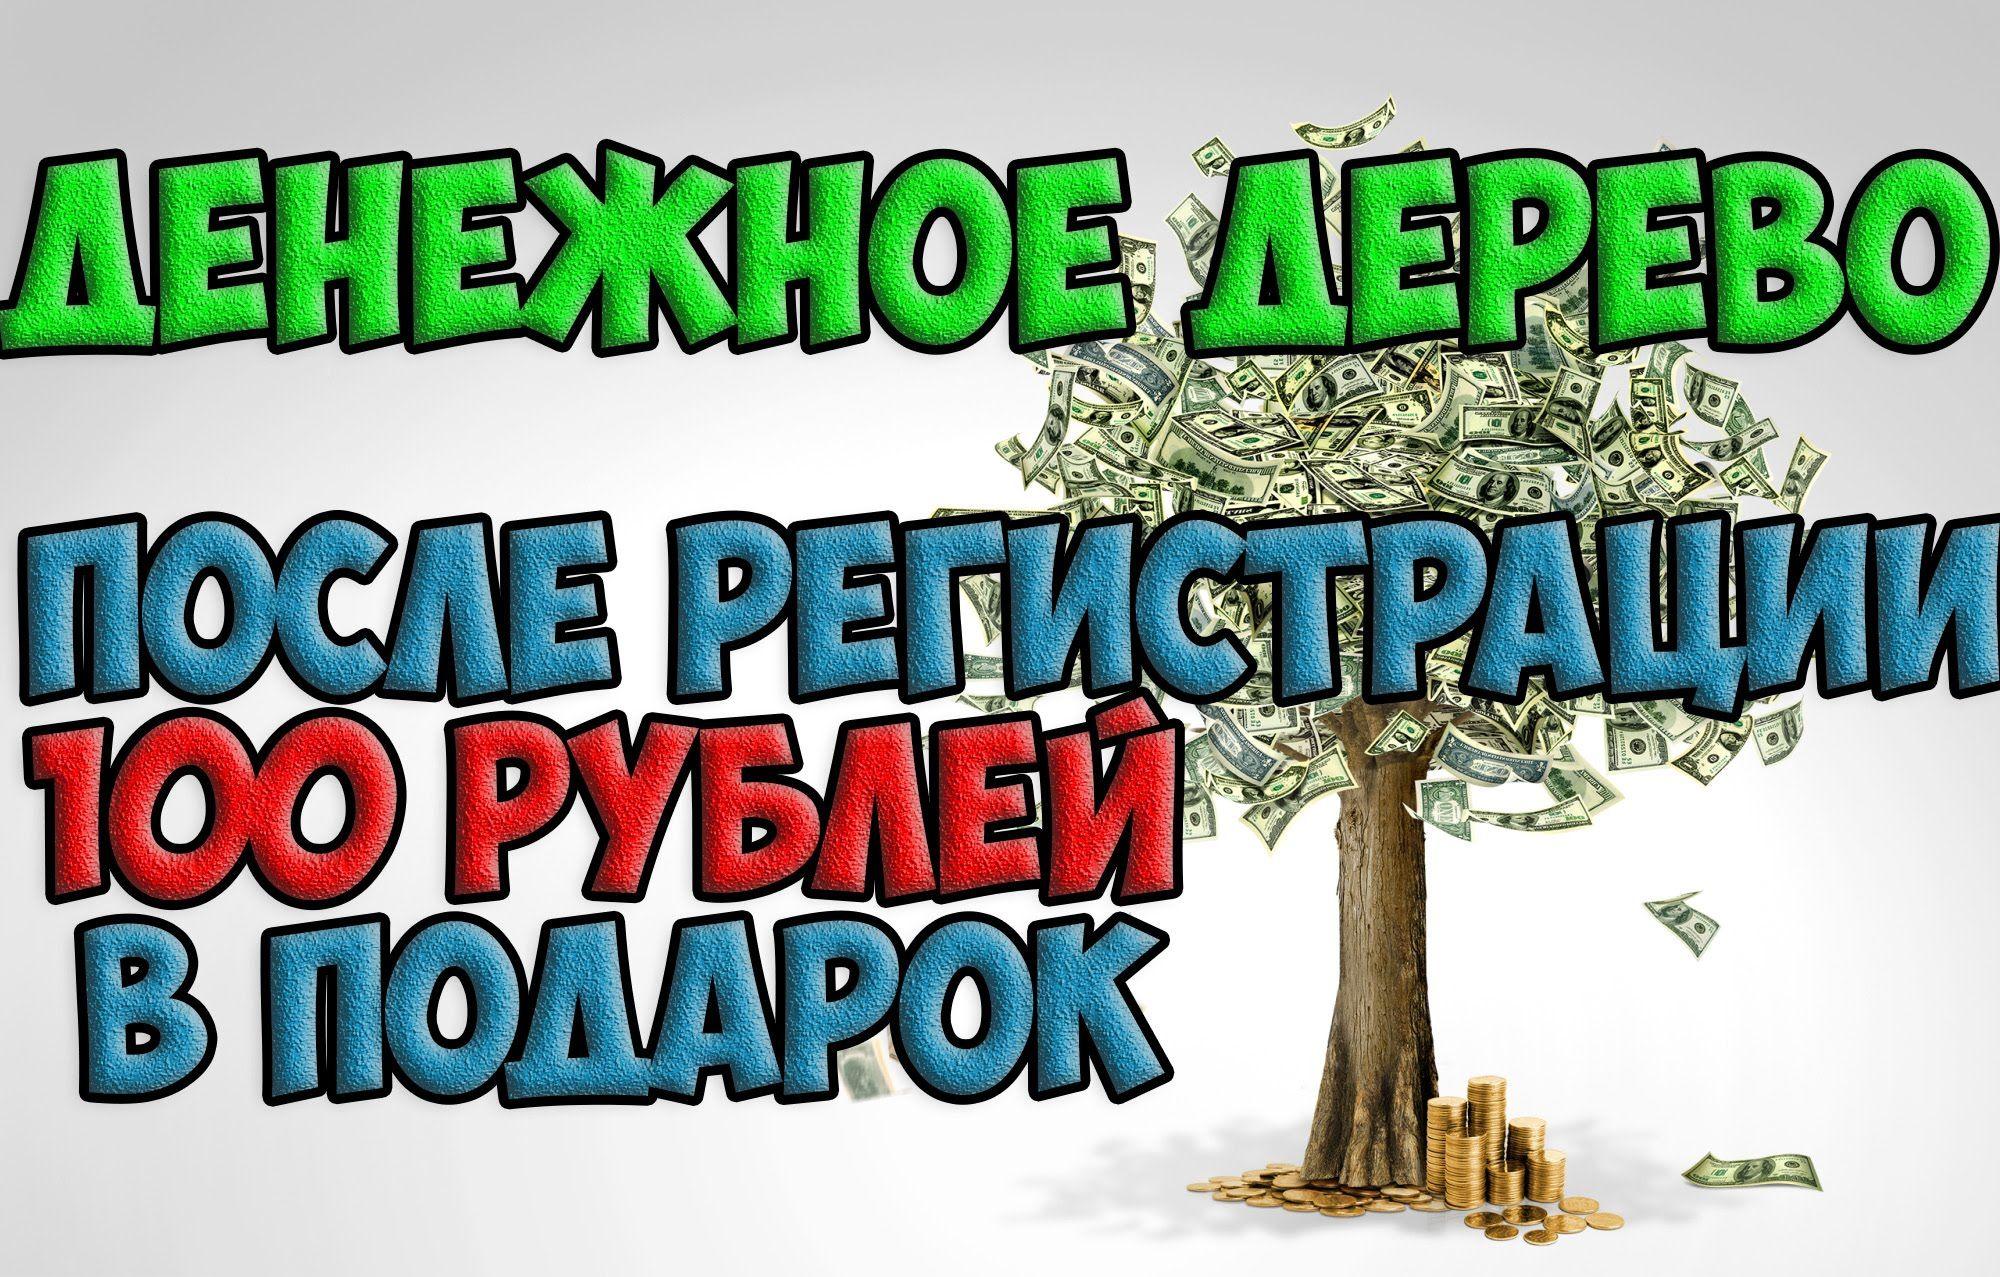 денежное дерево игра без вложения денег